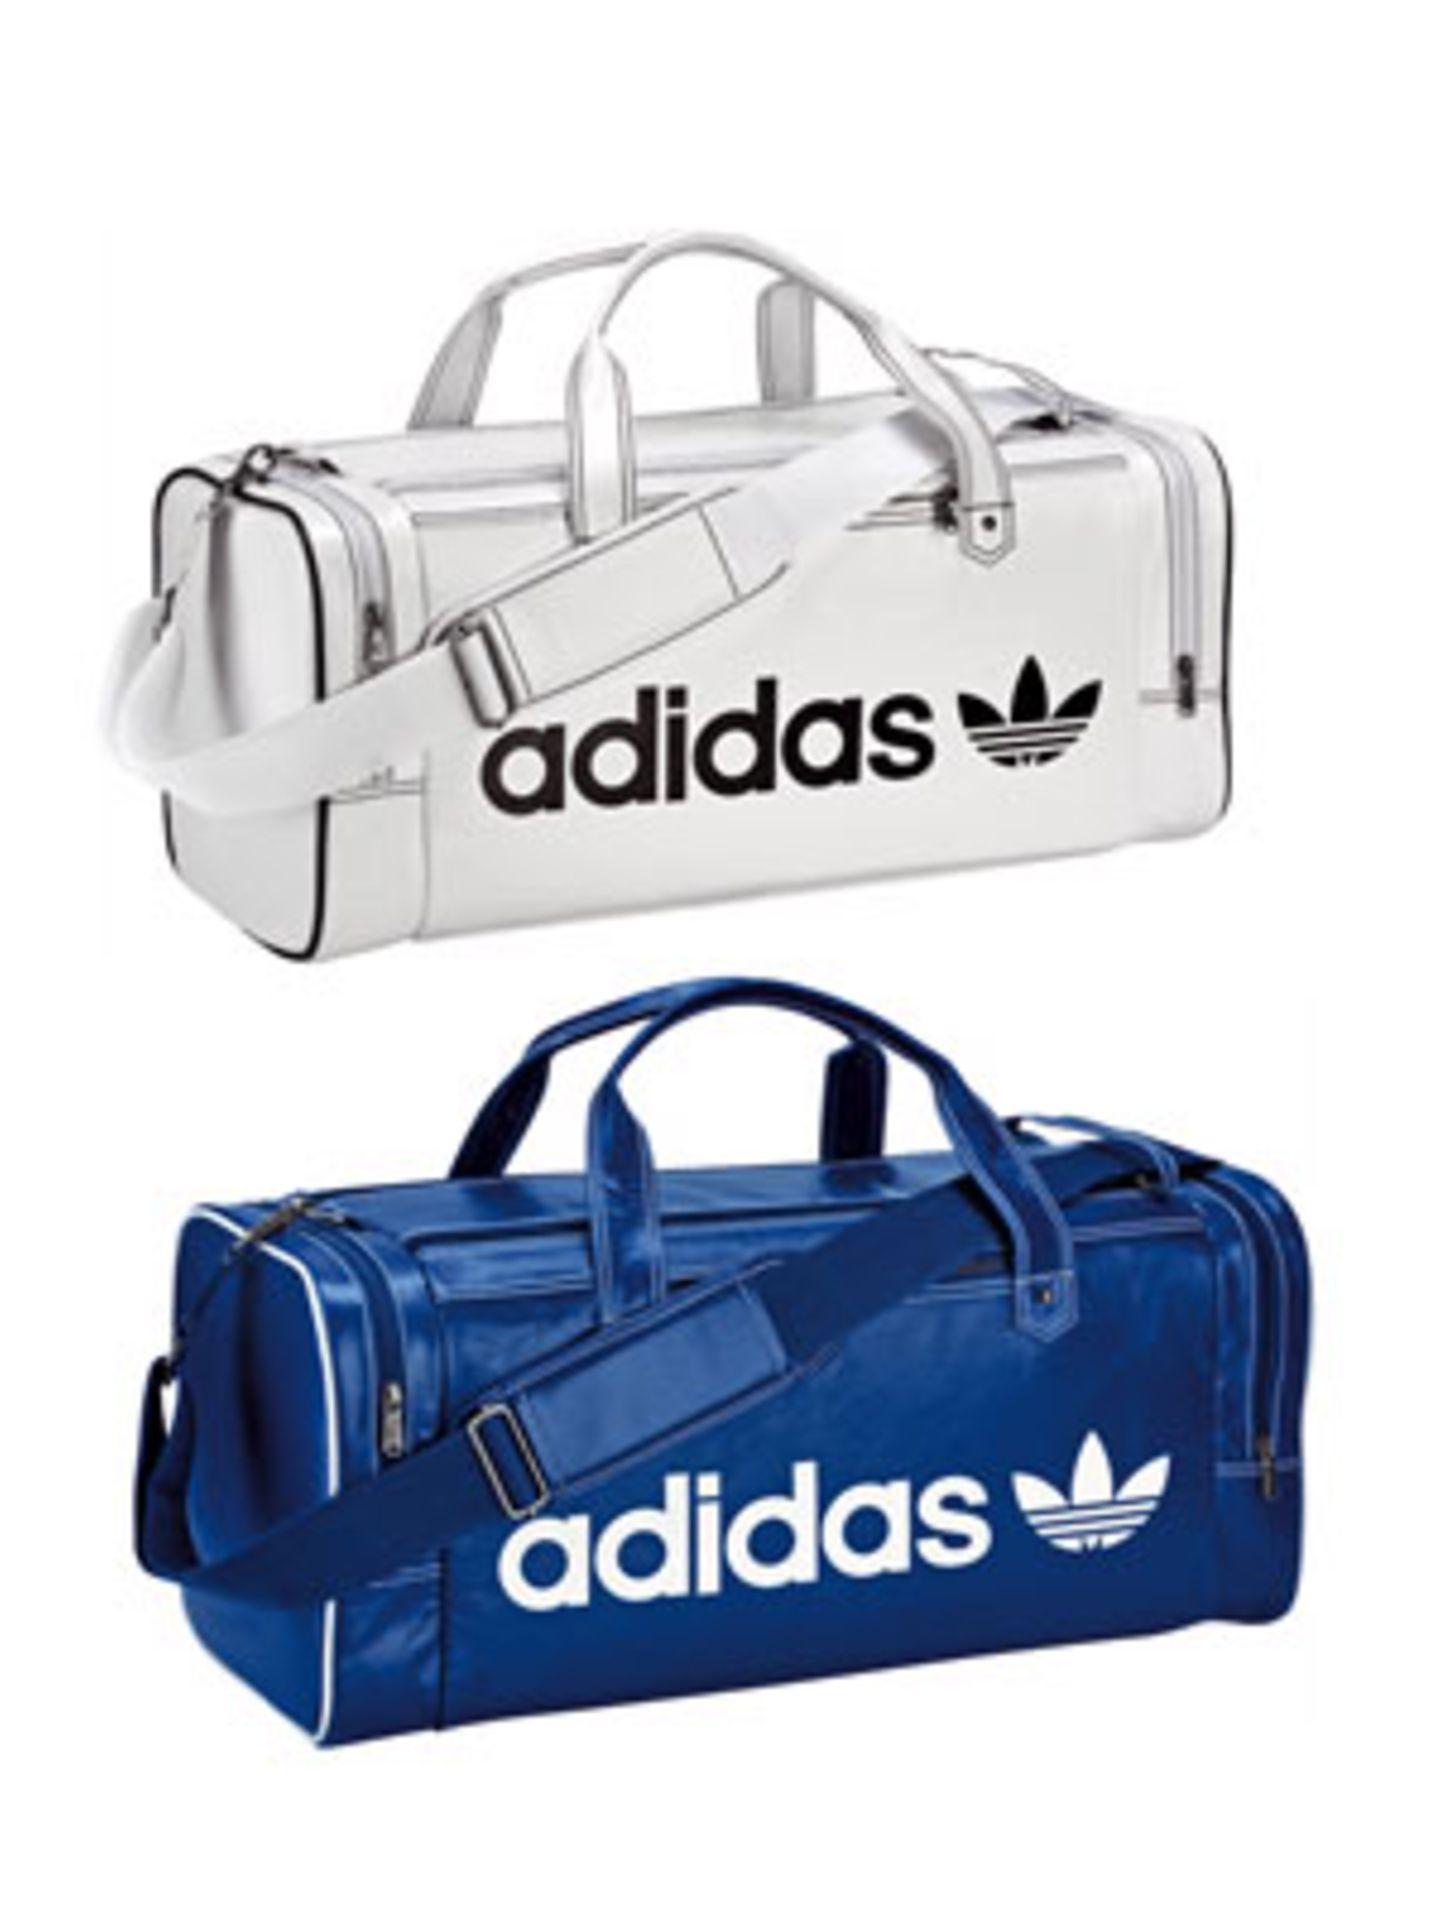 Sportlich-schicker Klassiker: Reisetasche von Adidas Originals aus Leder, hier in Blau und in Weiß. Auch in Schwarz und Rot erhältlich. Je um 75 Euro.